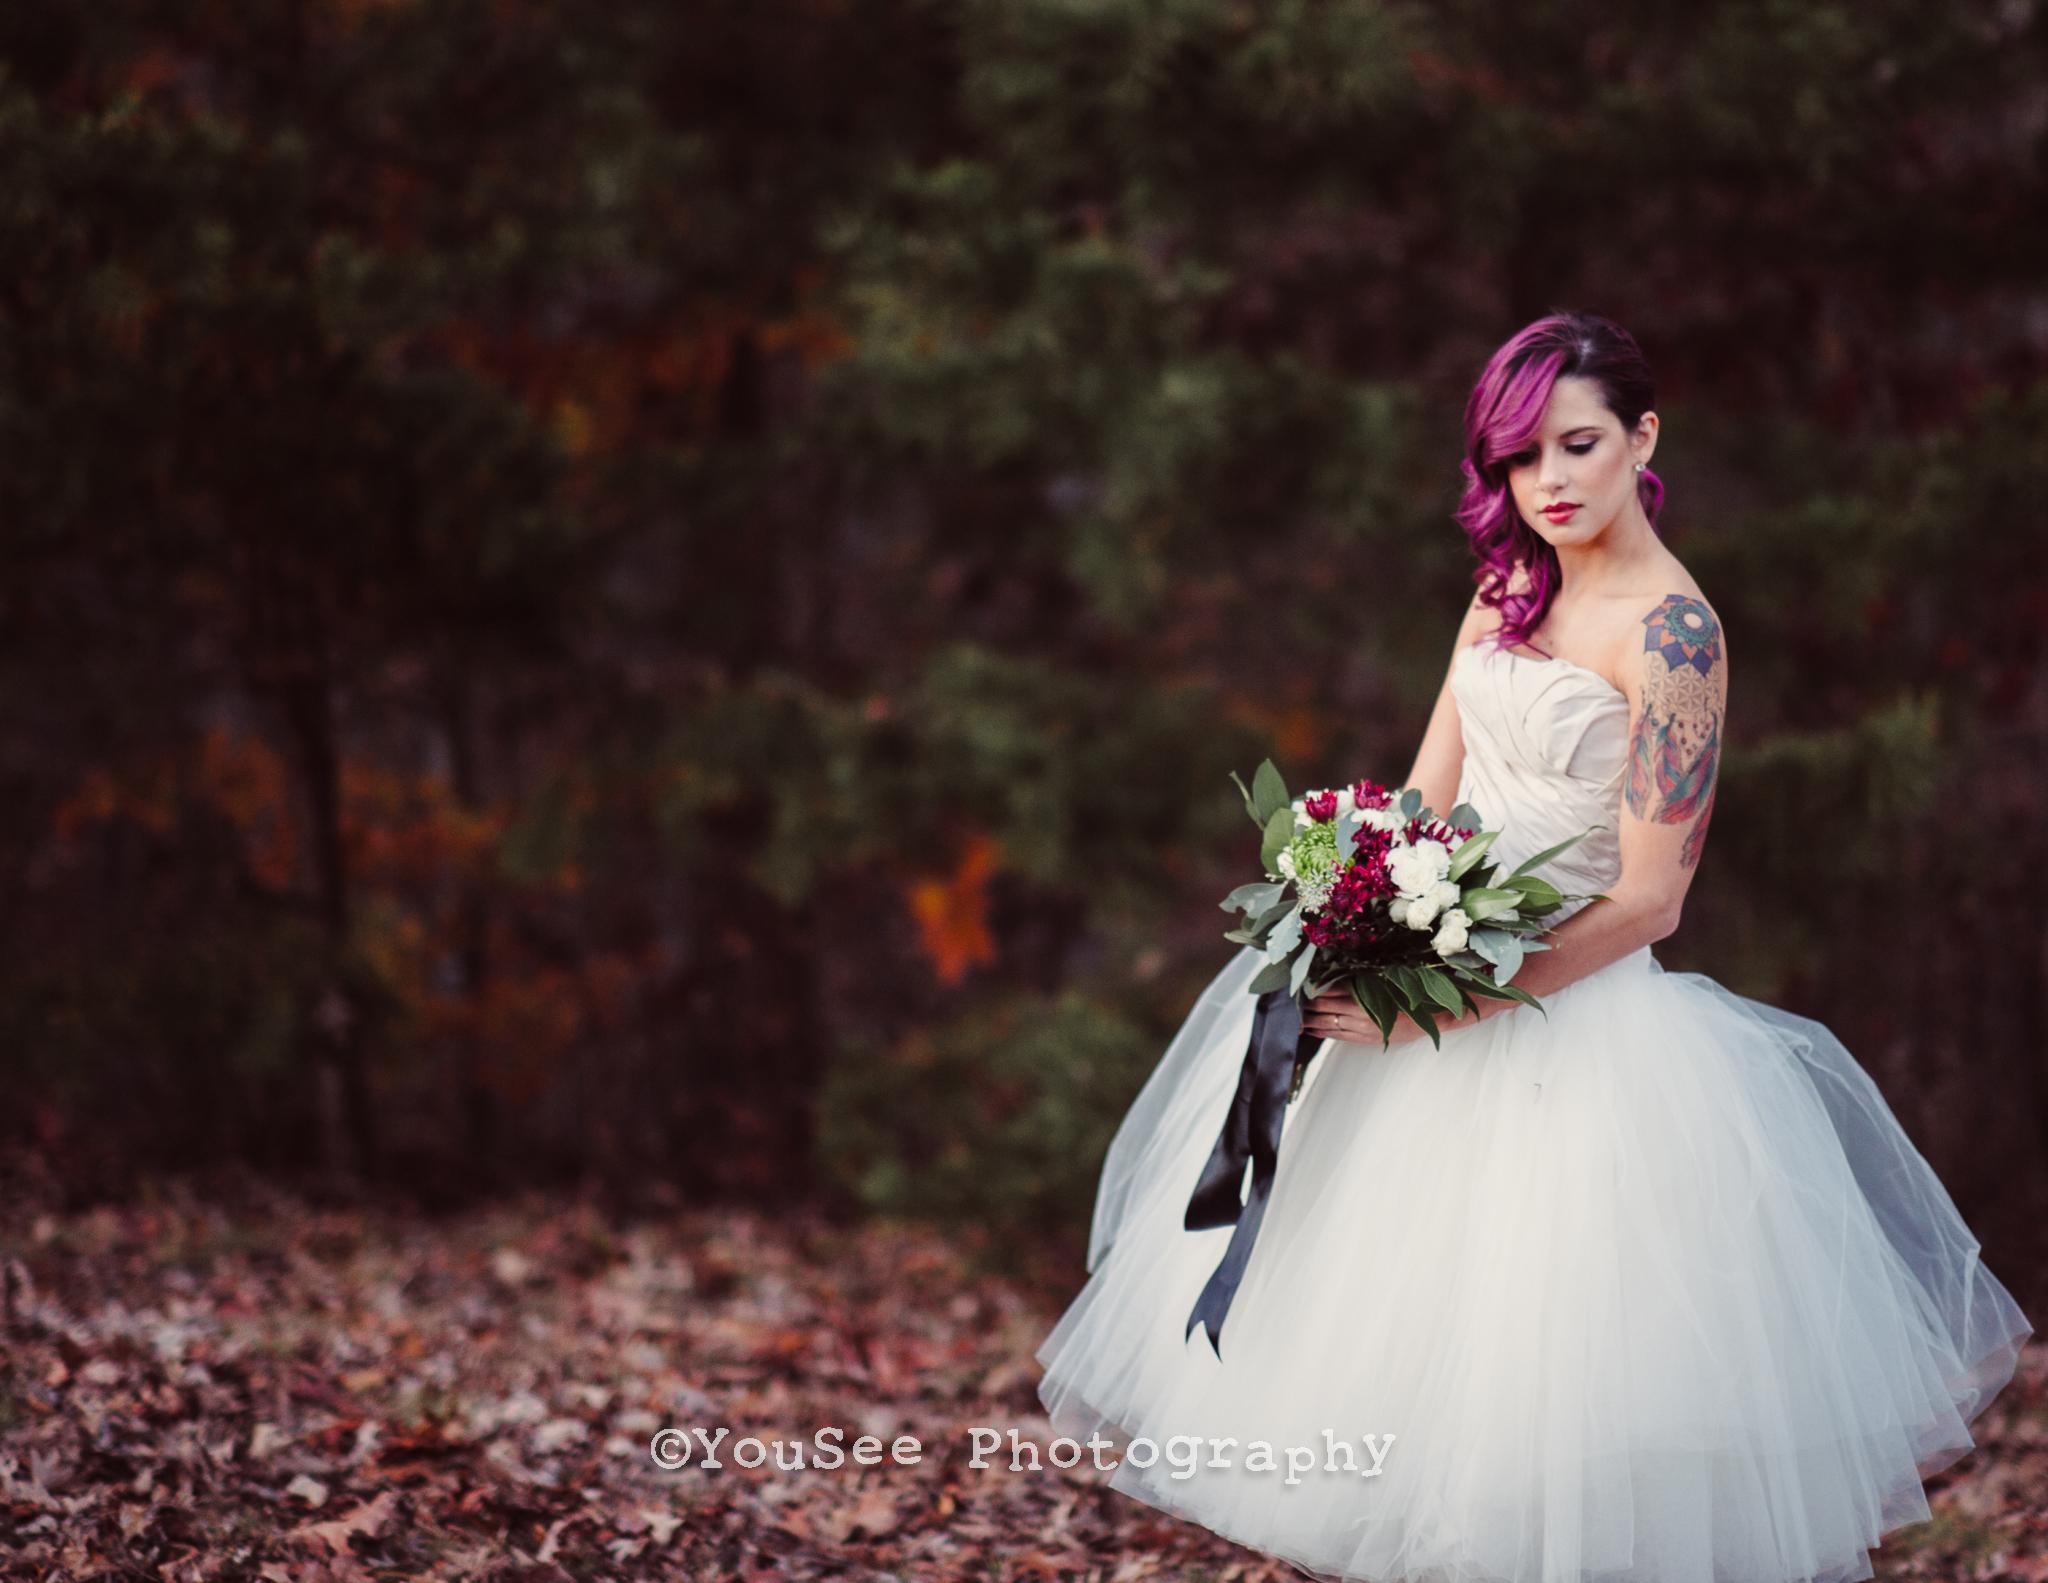 wedding_styledshoot_gothic_pursuit (20)